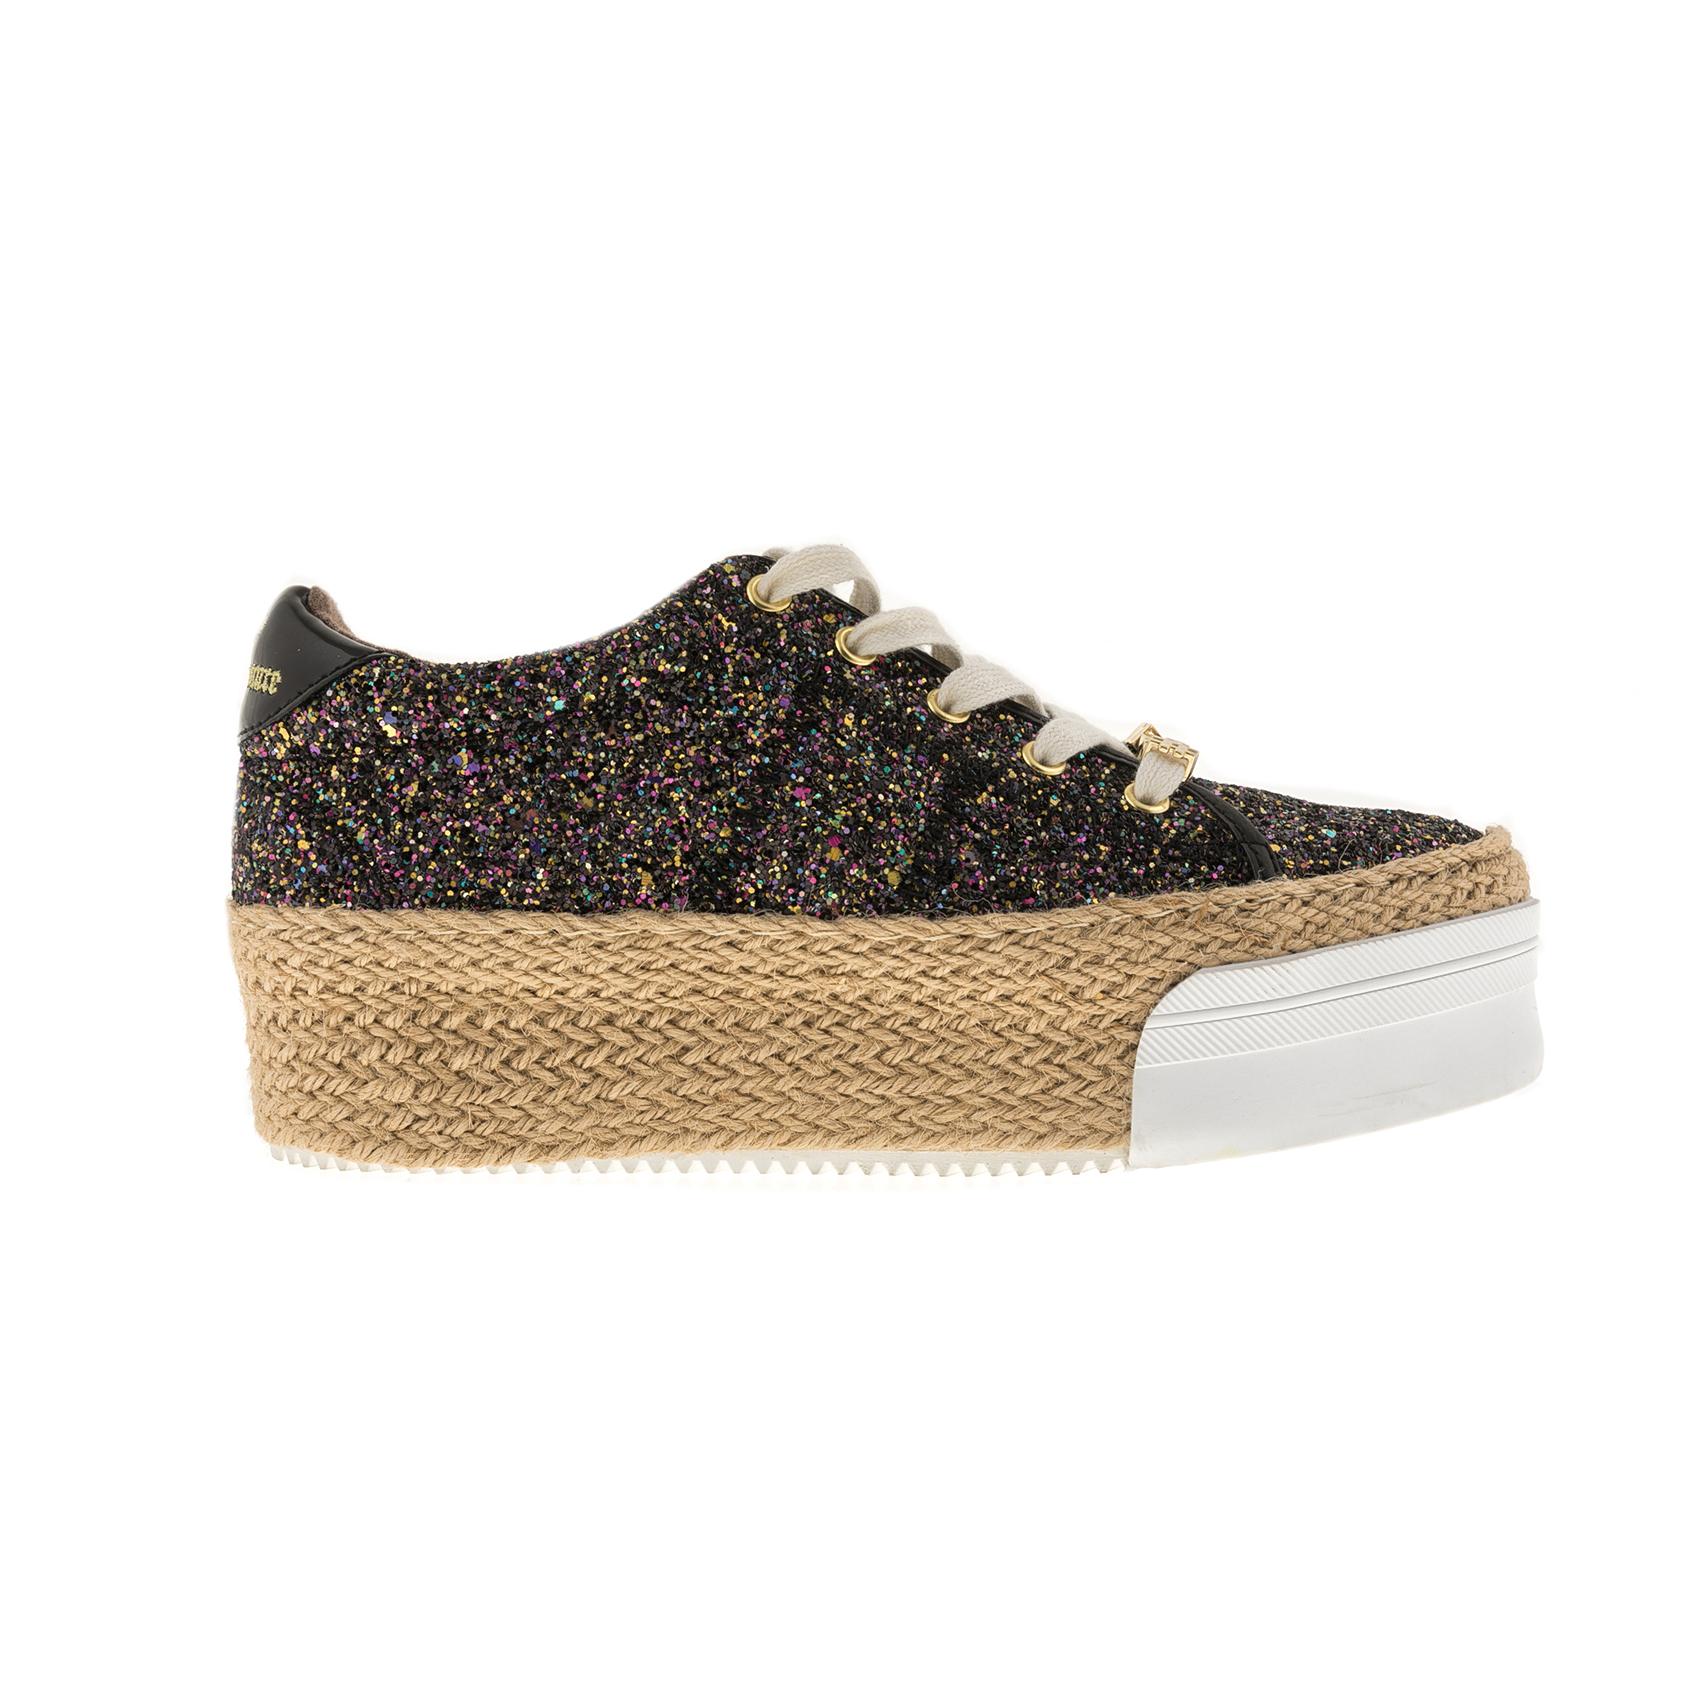 JUICY COUTURE – Γυναικεία παπούτσια JUICY COUTURE BLAINNNE πολύχρωμα